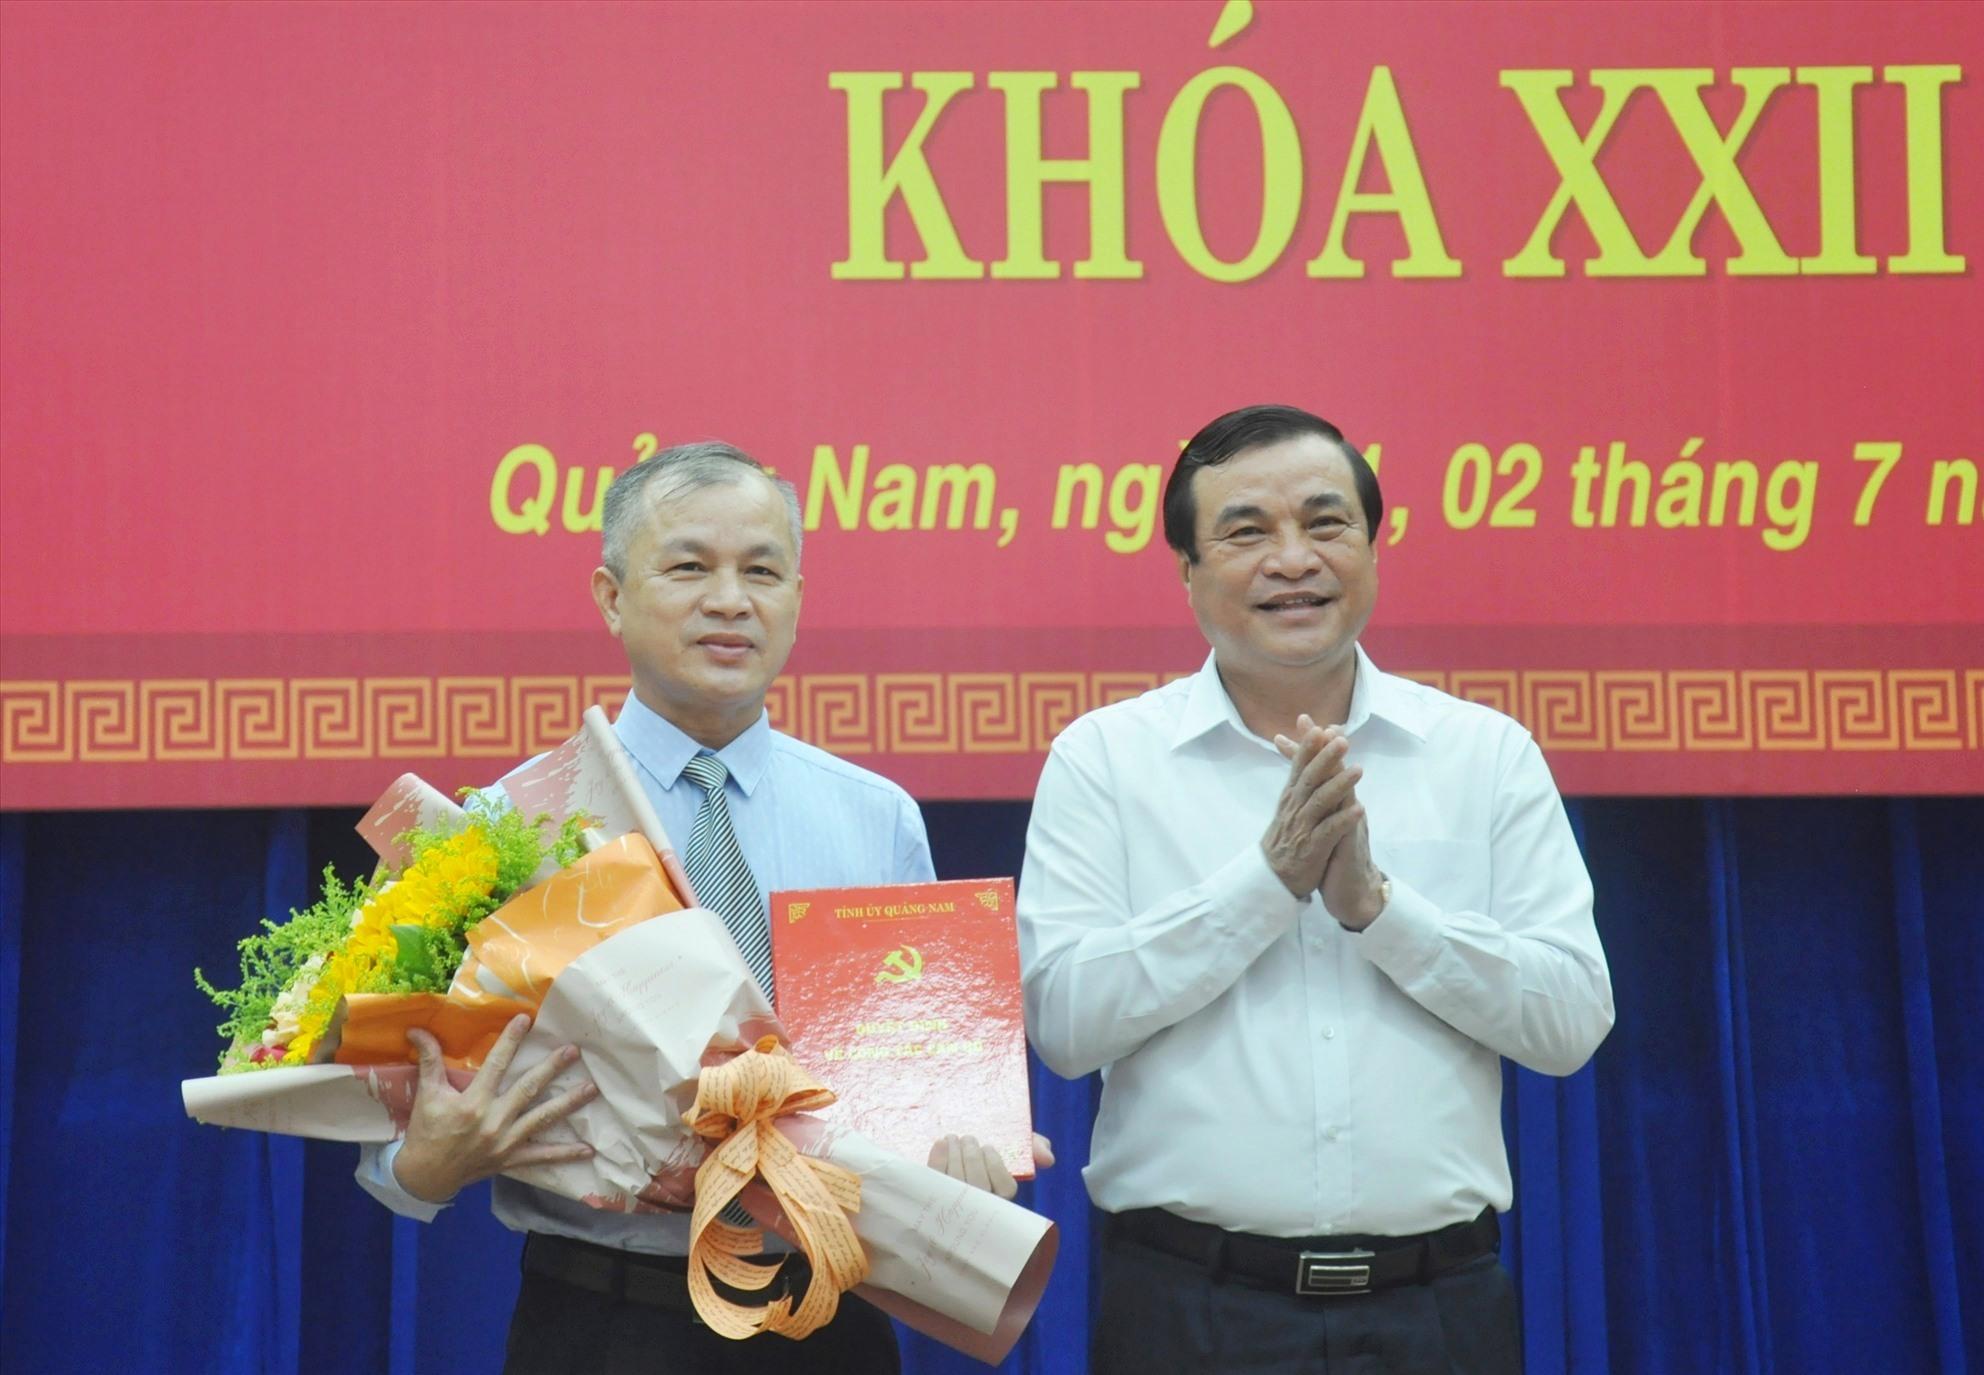 Bí thư Tỉnh ủy Phan Việt Cường trao quyết định chuẩn y và tặng hoa chúc mừng đồng chí Nguyễn Đức Tiến. Ảnh: N.Đ